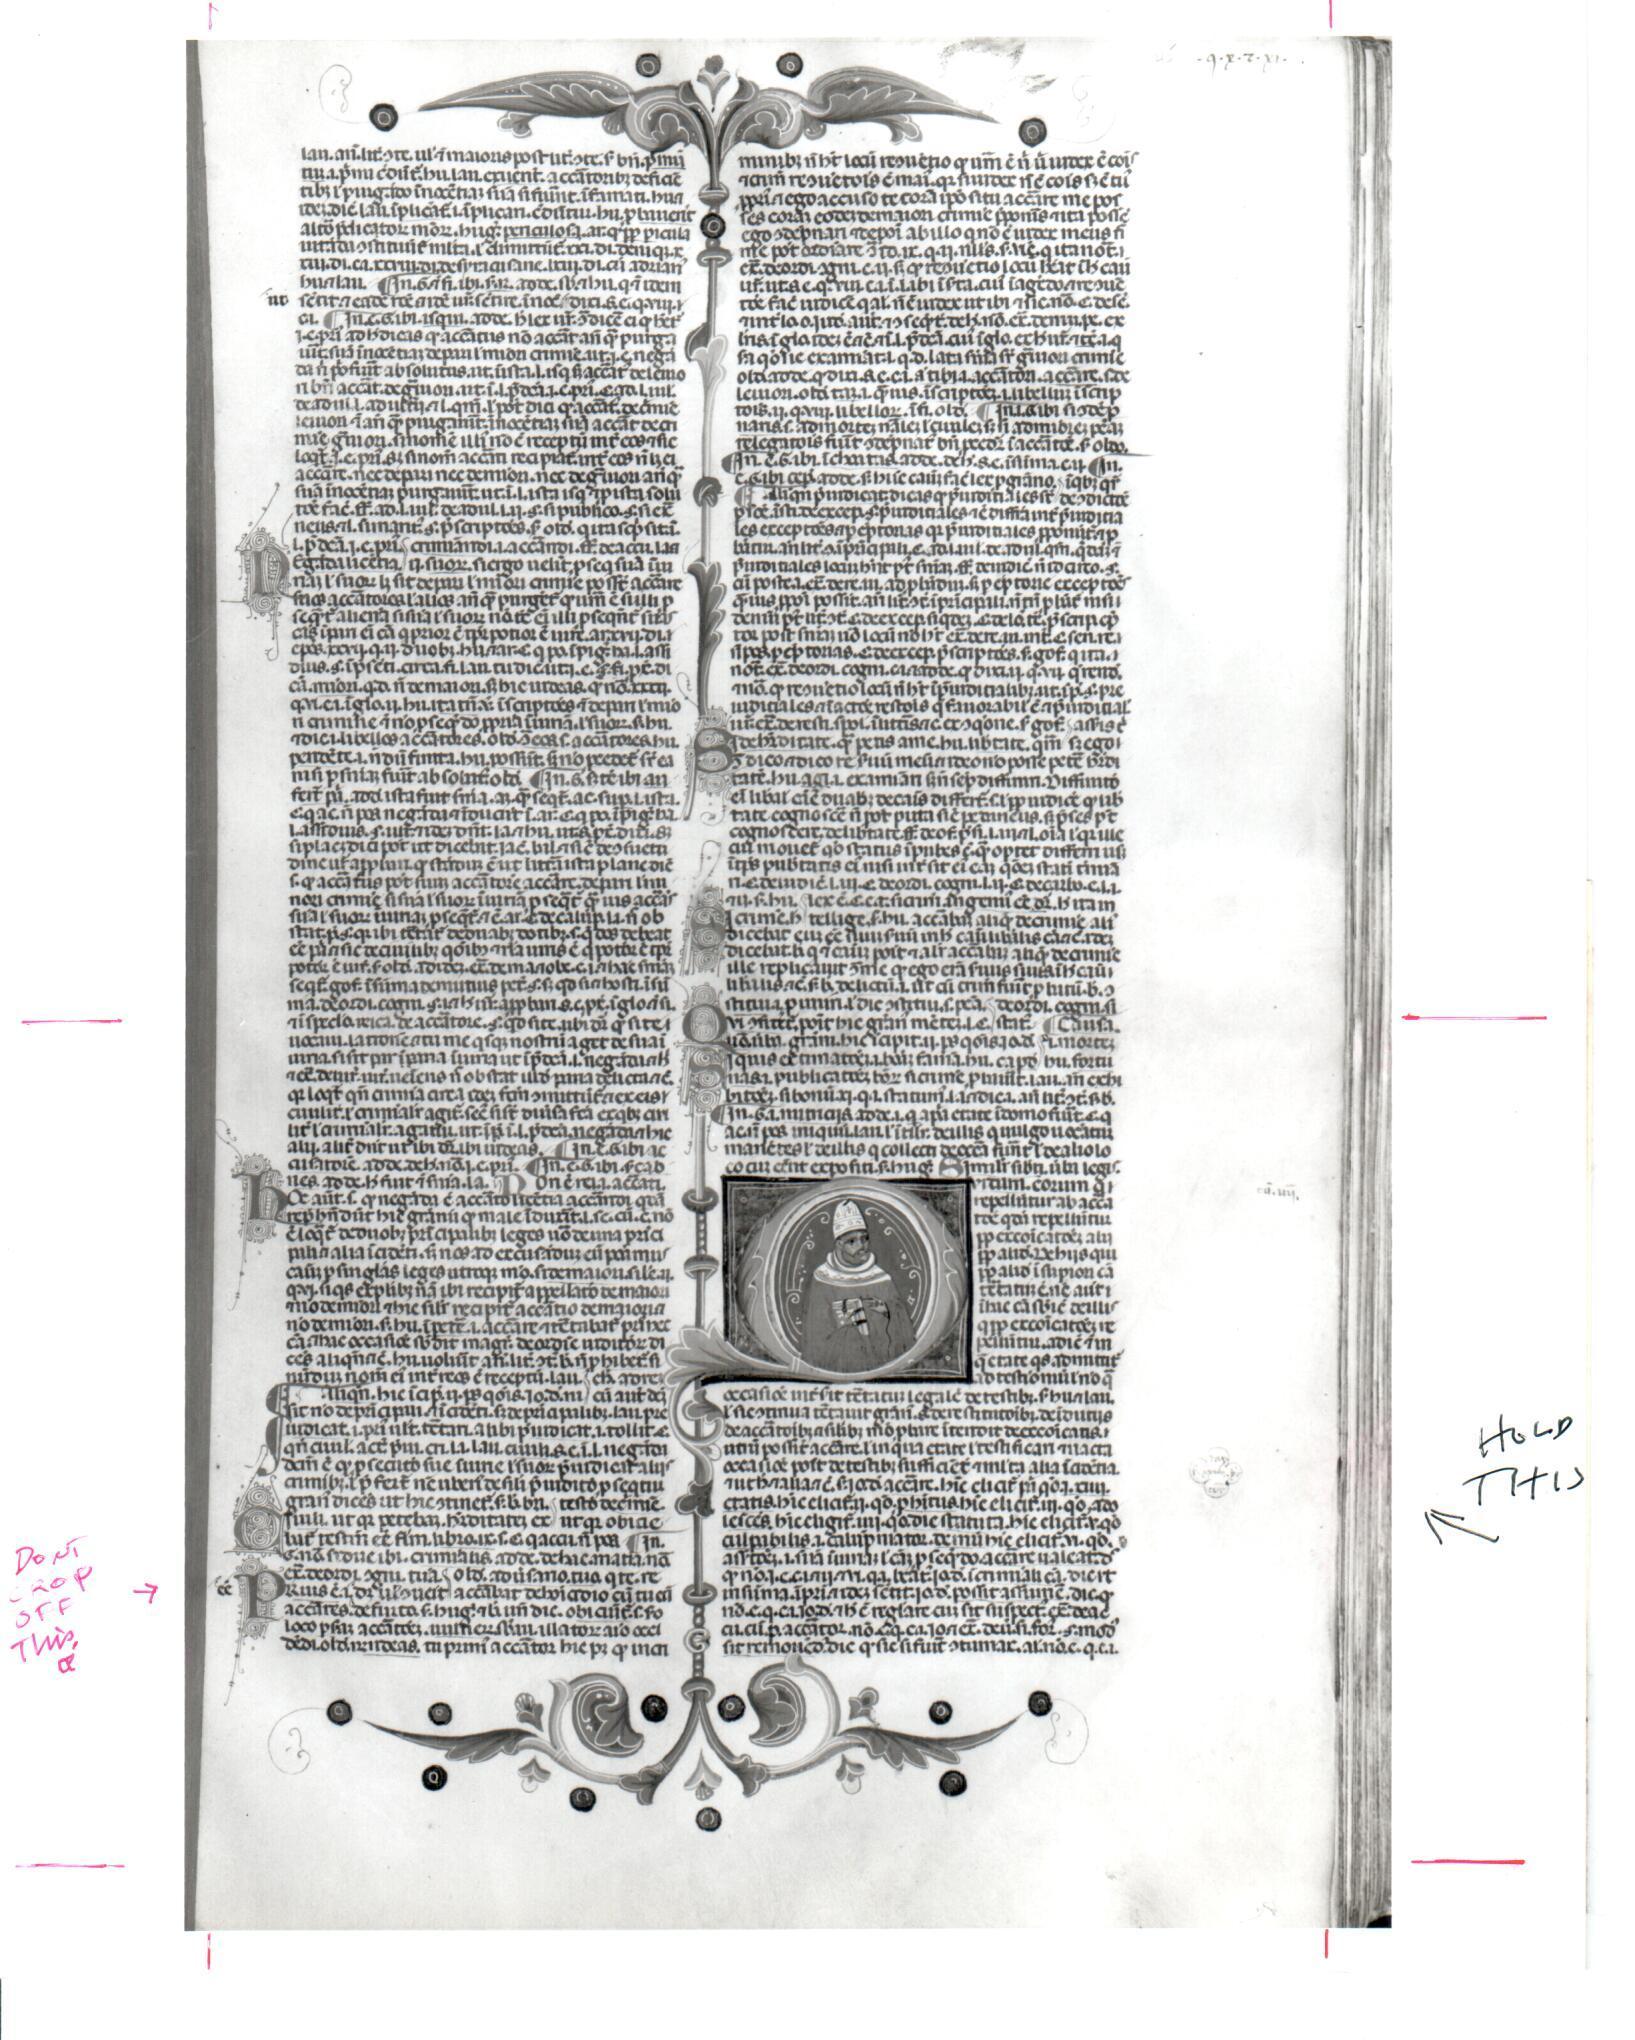 95. Beinecke MS 338, f. 45r.